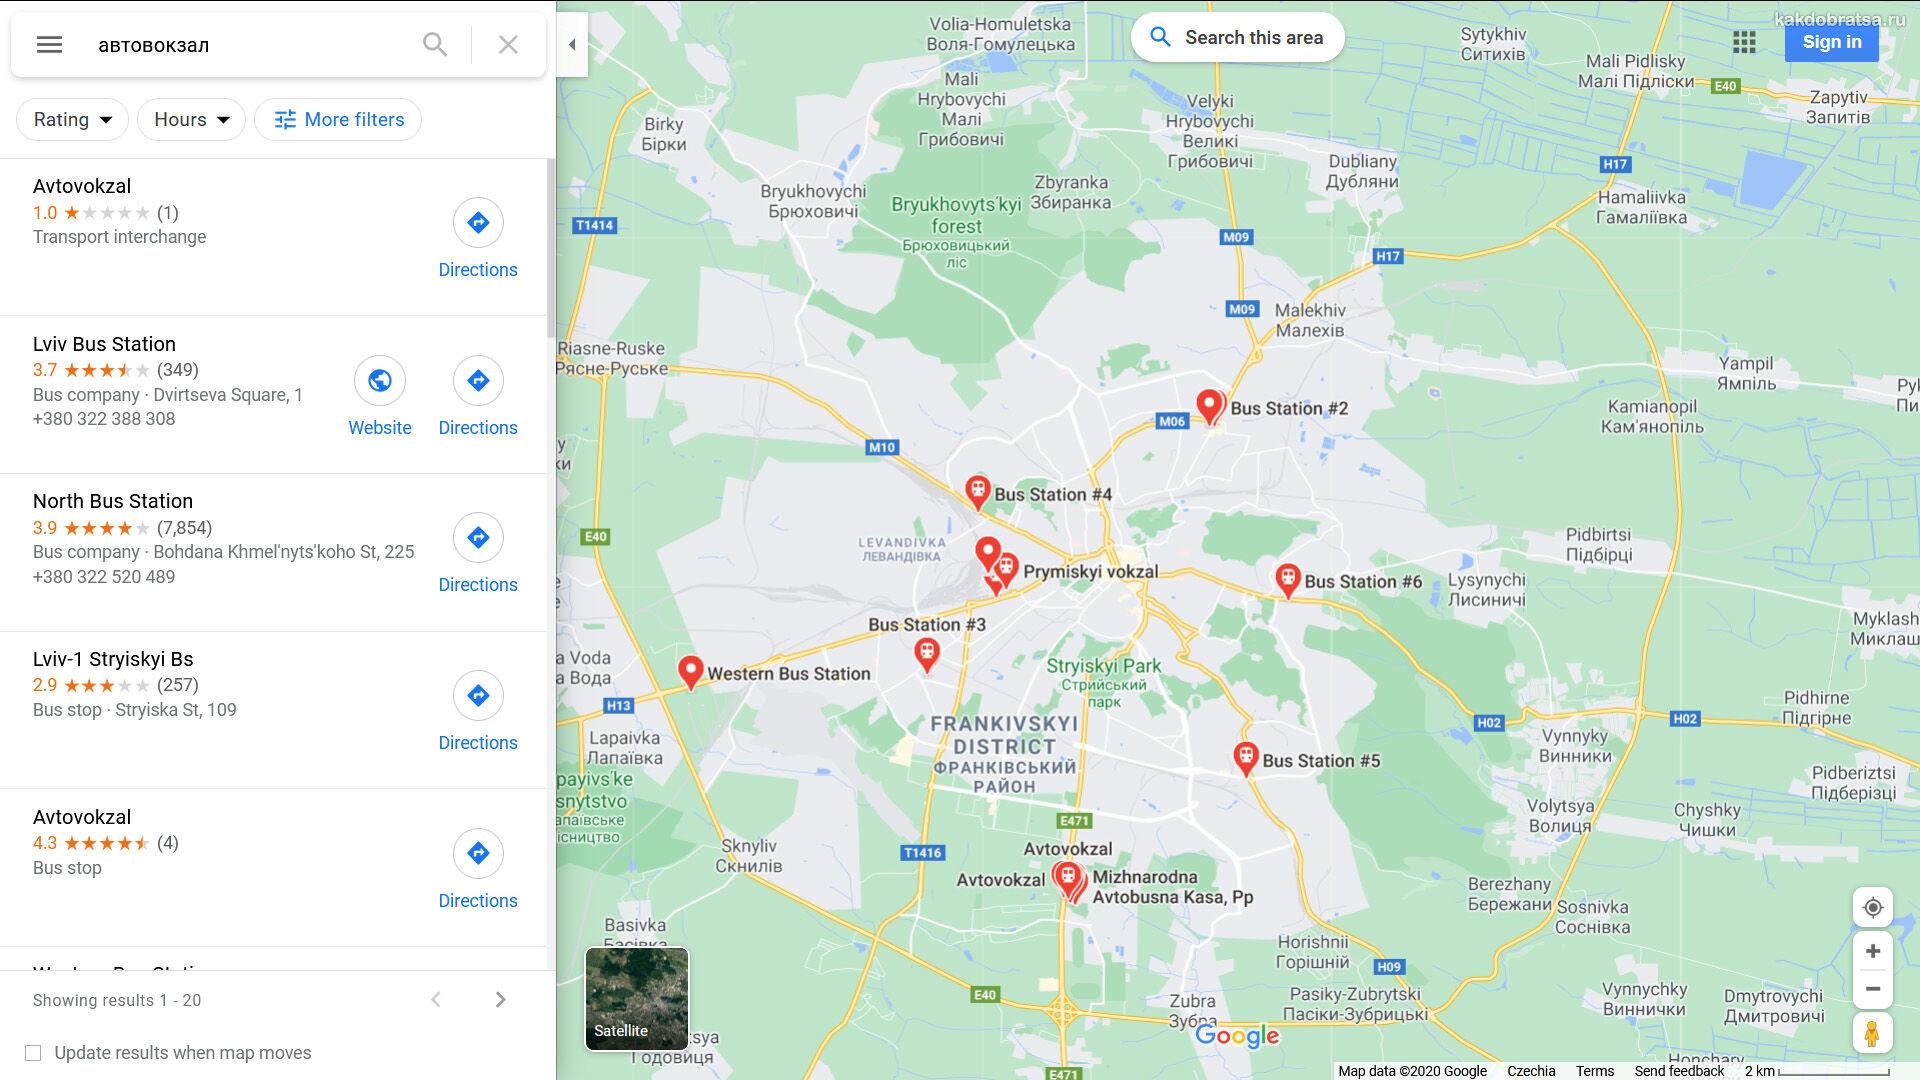 Львов автовокзал на карте точки и адреса